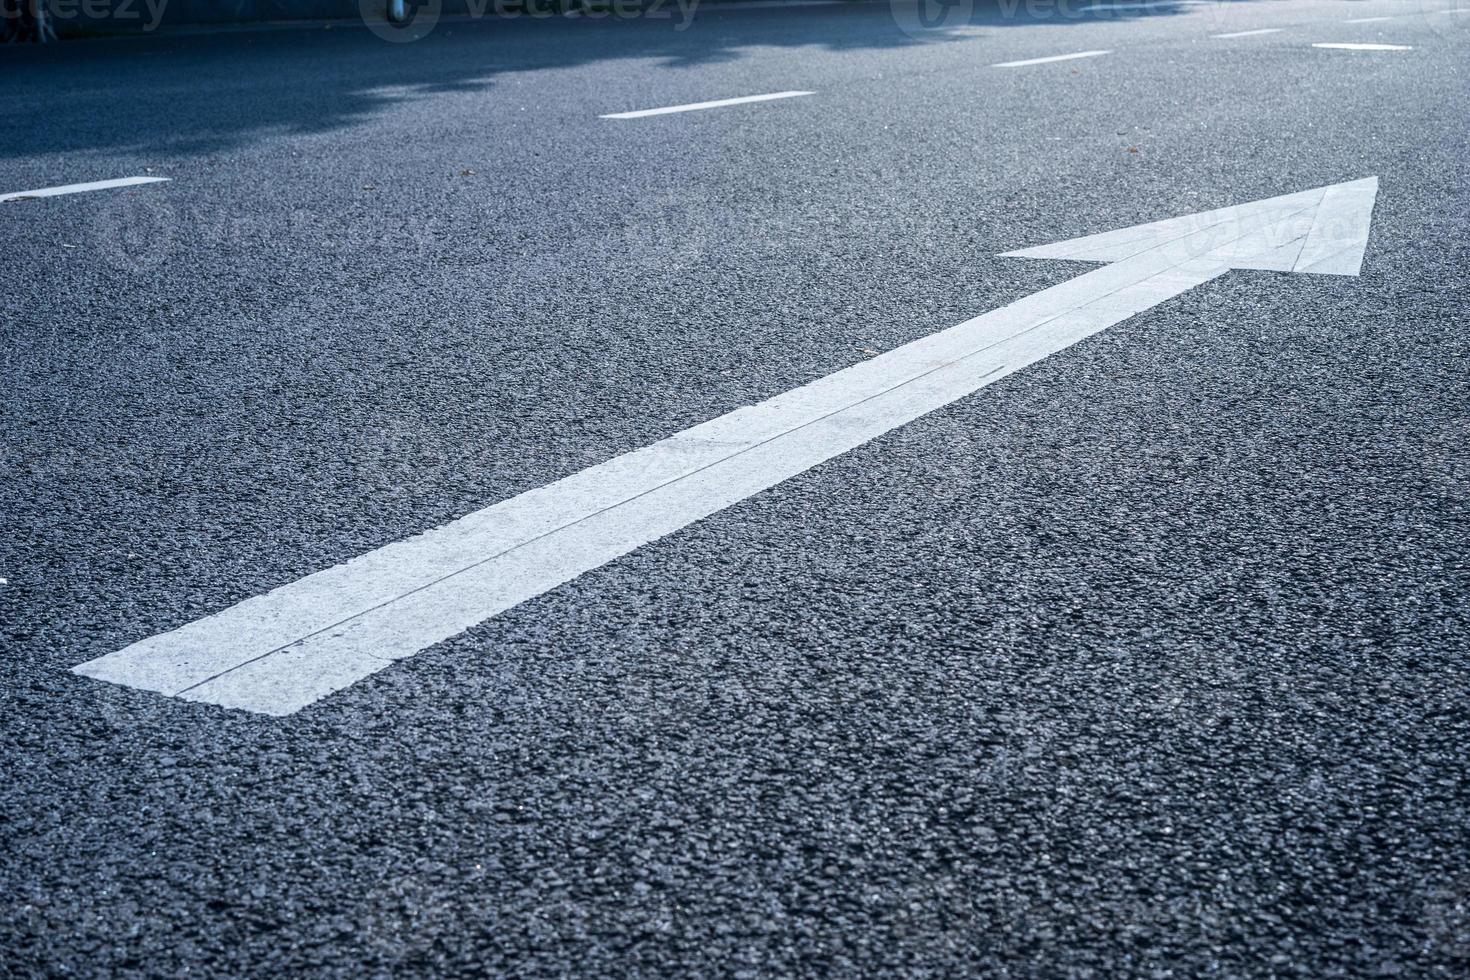 señal de tráfico en la carretera foto